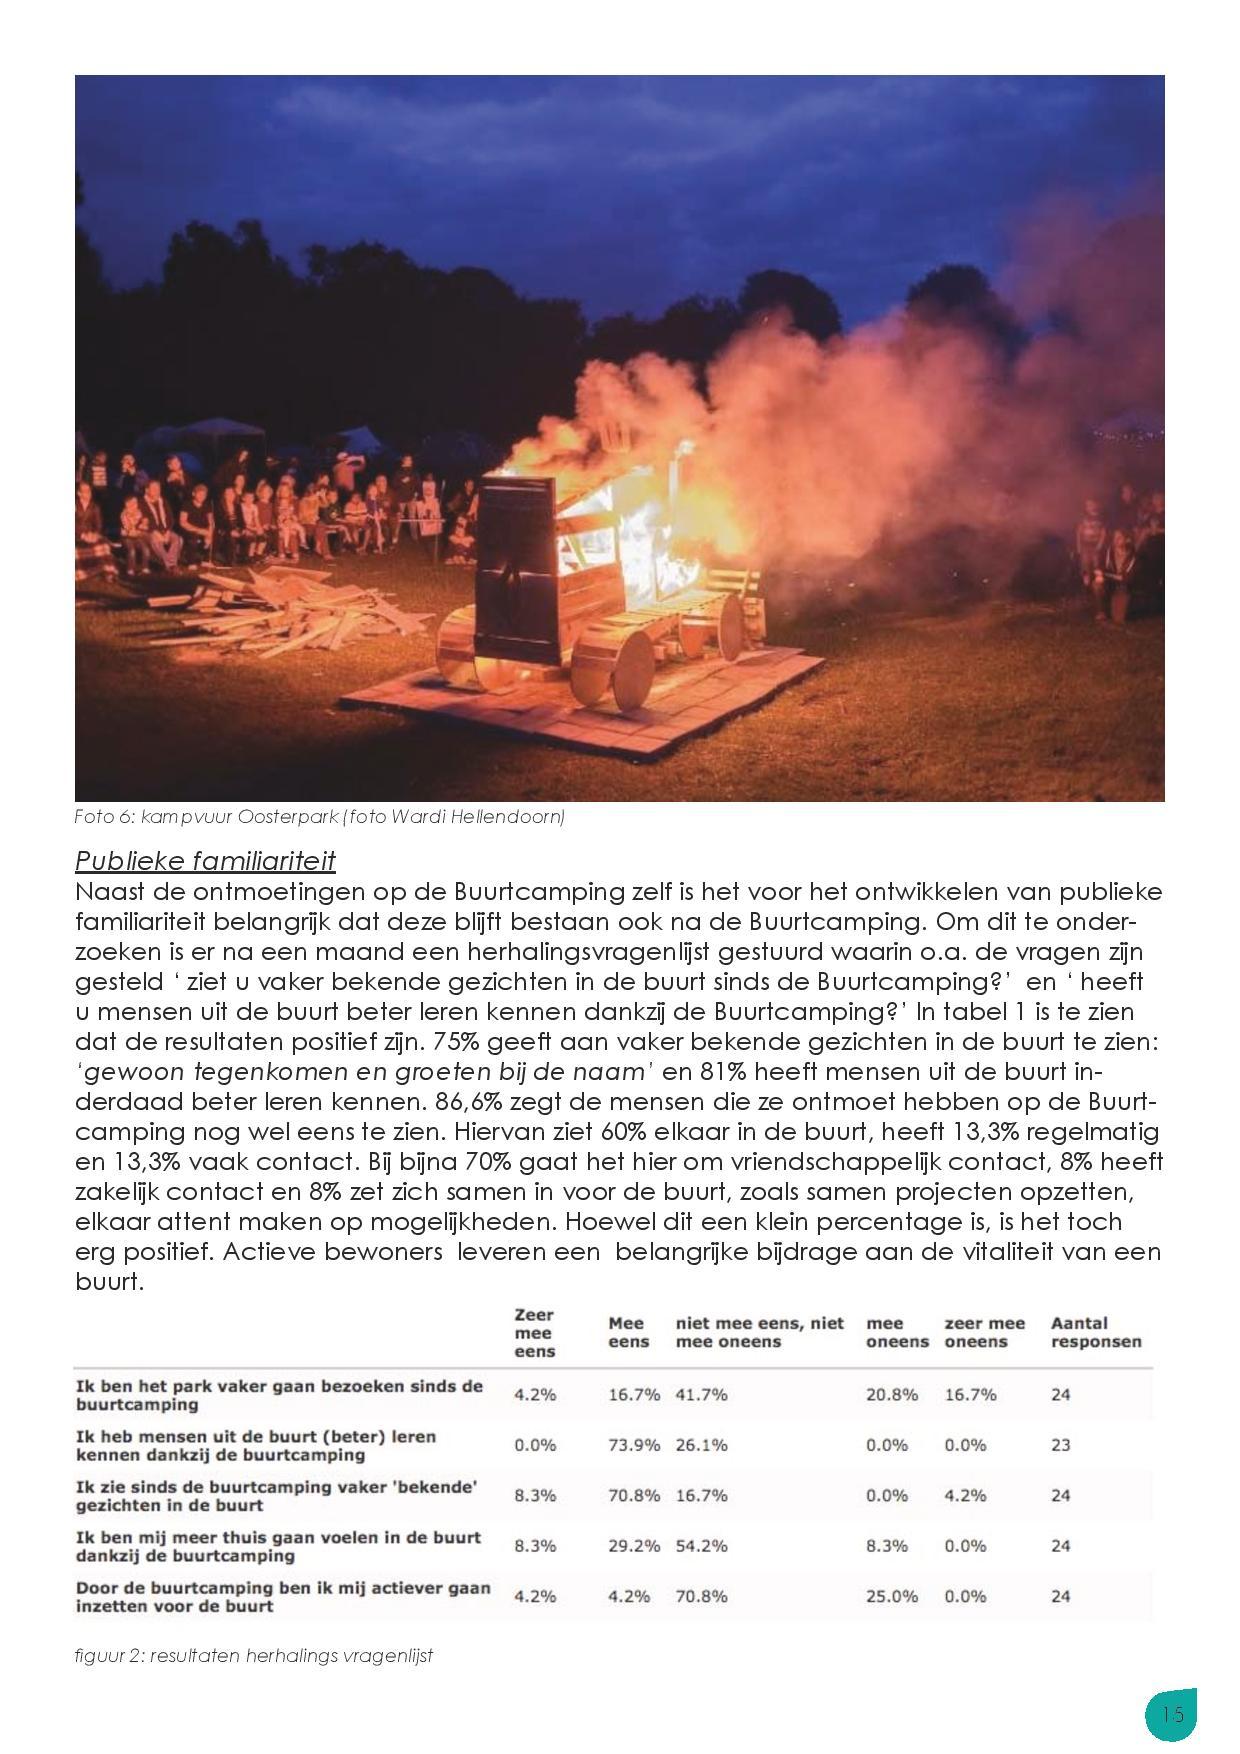 Onderzoek_Evaluatierapport_buurtcamping2014-LR-page-015